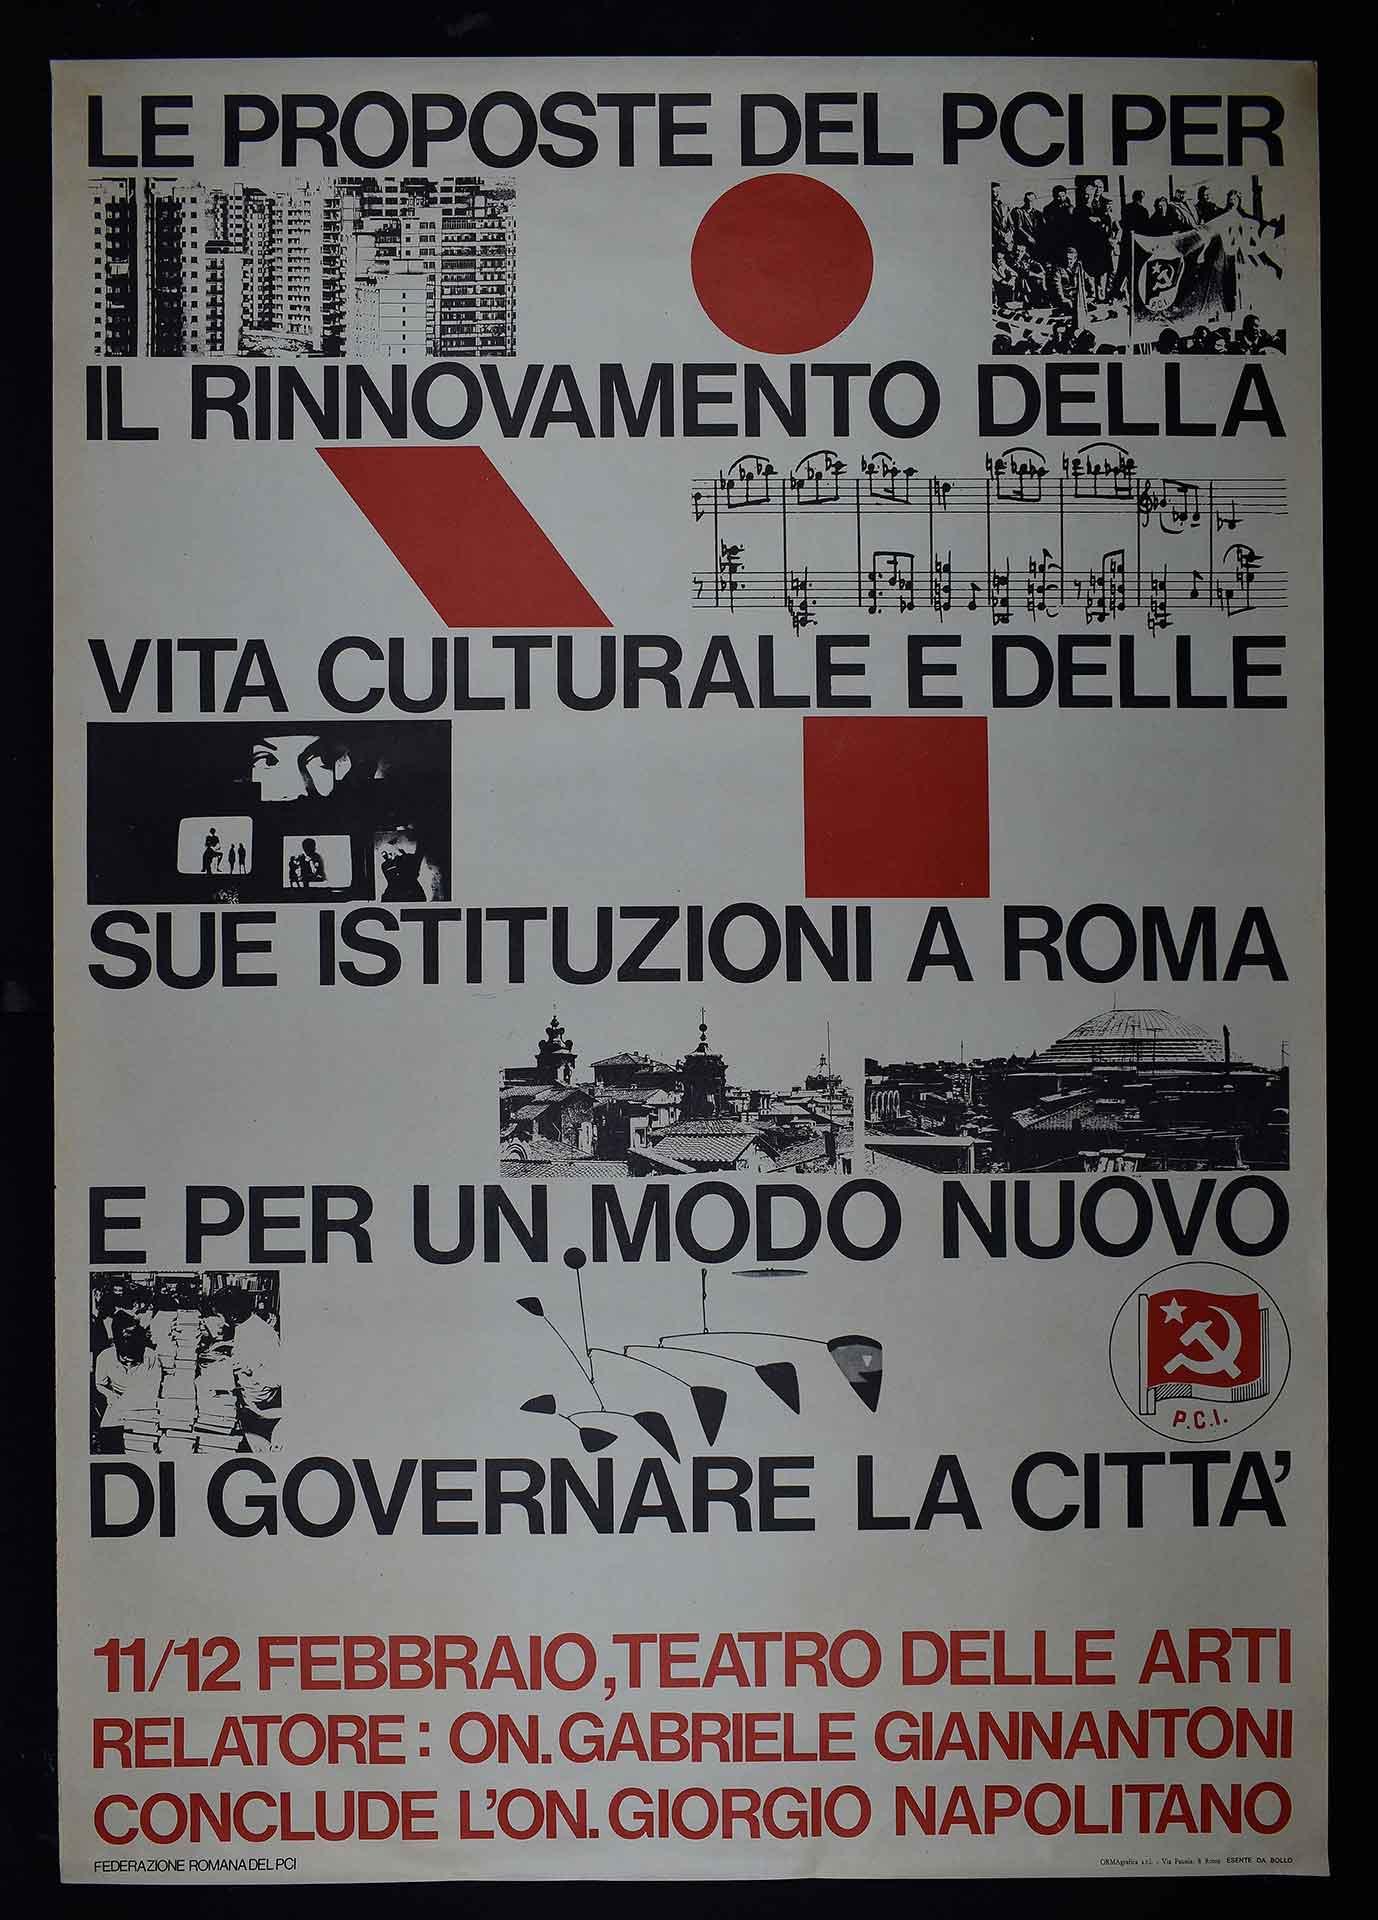 Federazione romana del Partito comunista italiano (PCI) per l'amministrazione della città. Stampa Ormagrafica, Roma. Comunicazione di partito.